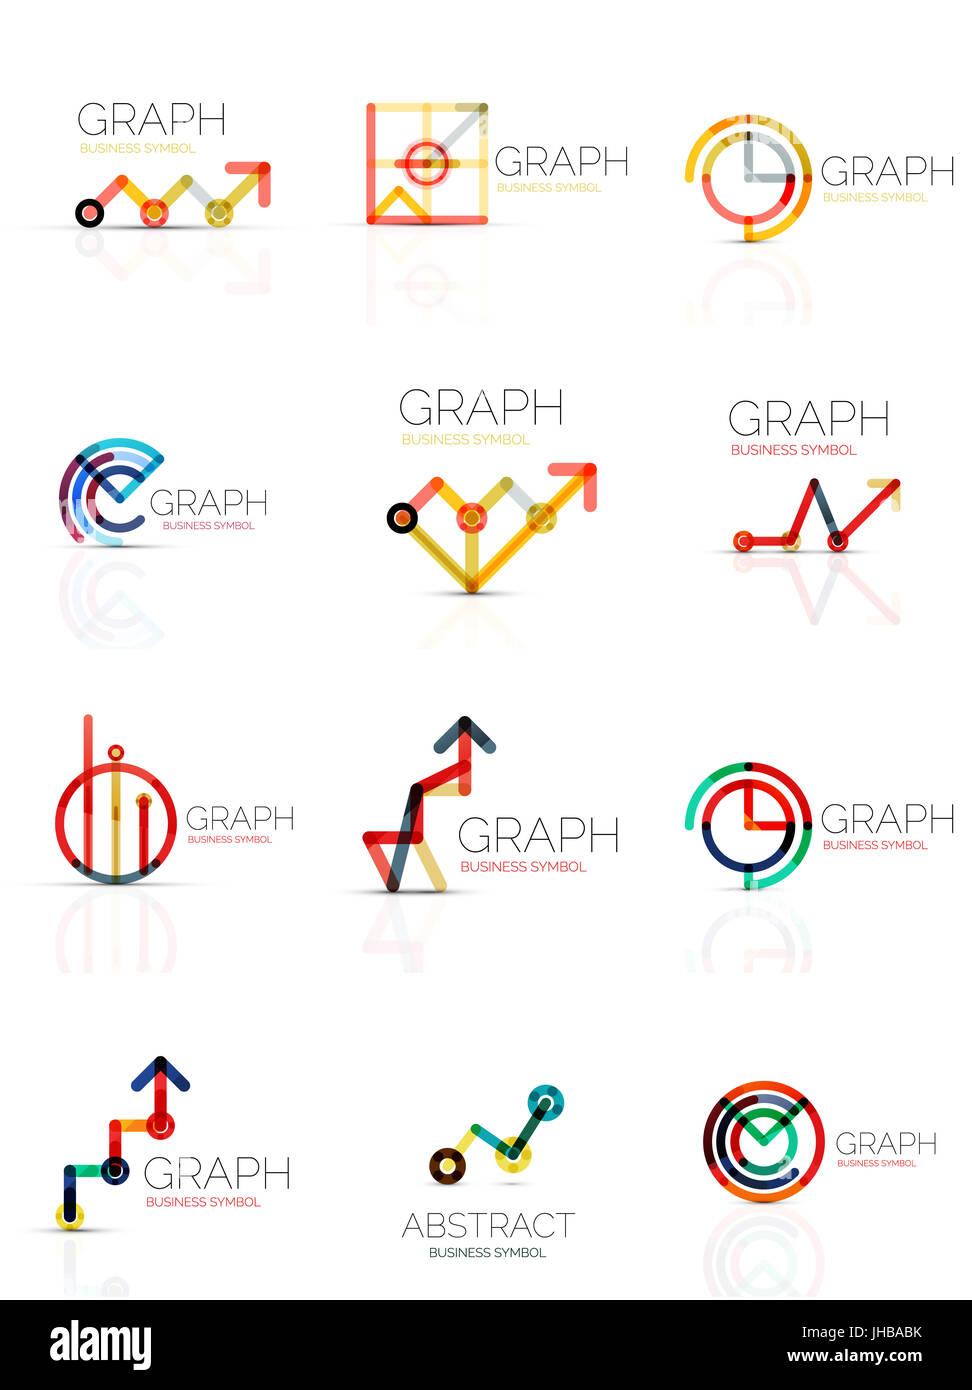 Statistics Diagram Pictogram Stockfotos & Statistics Diagram ...